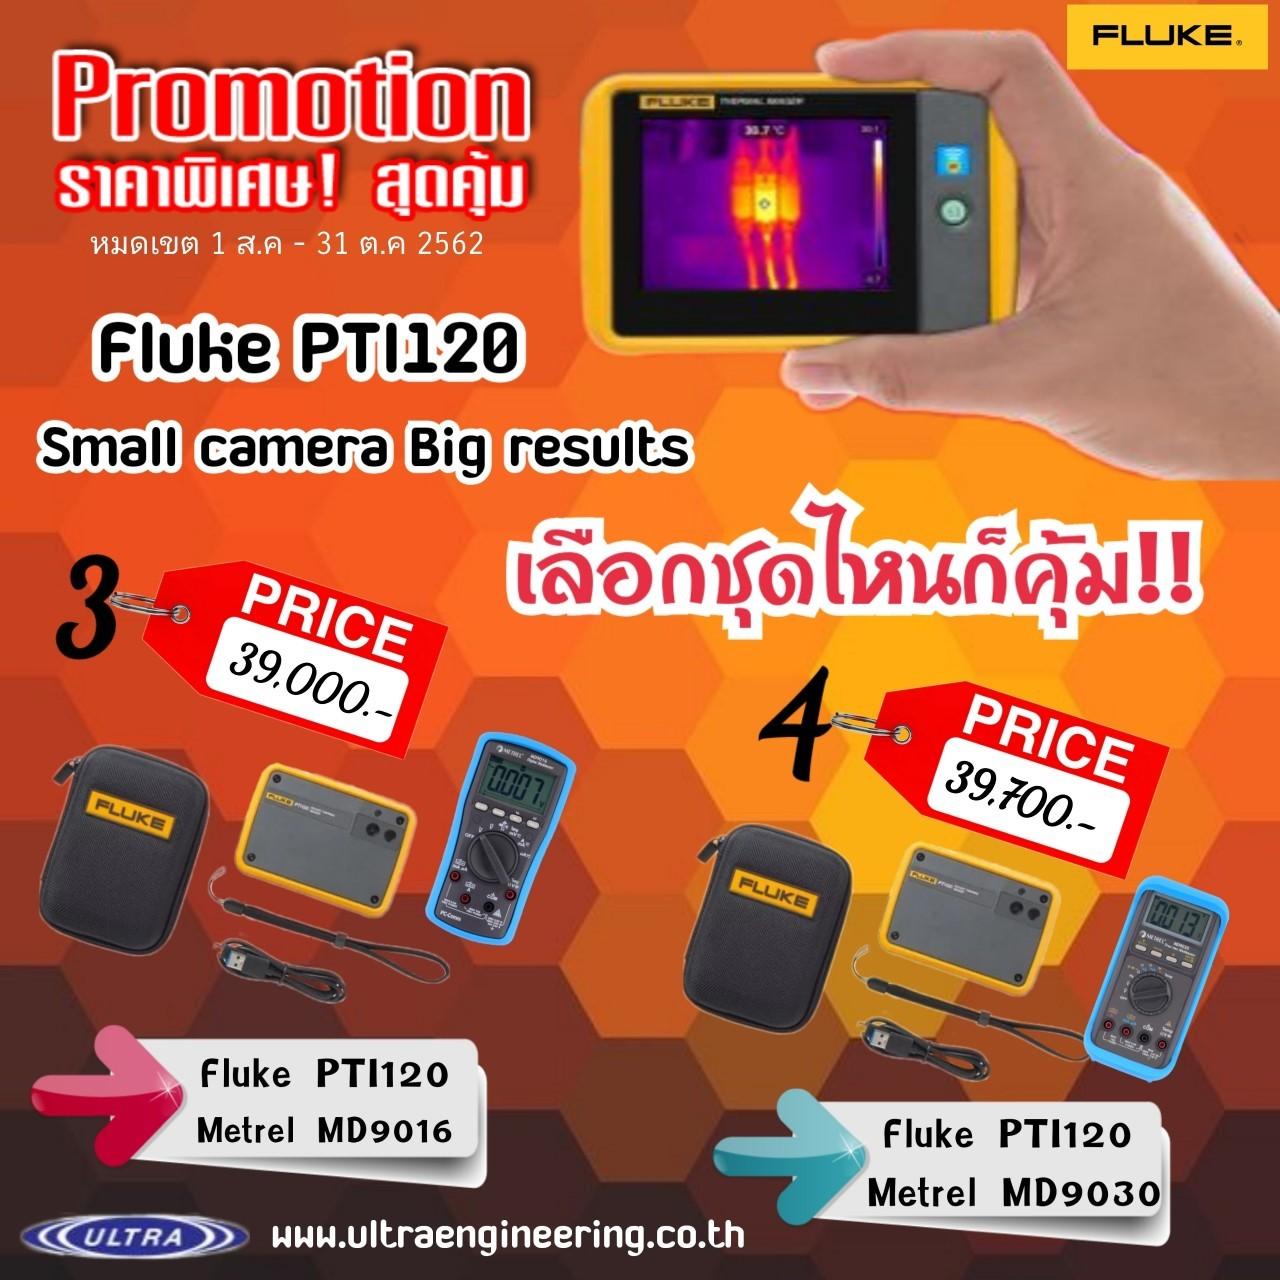 ส่งต่อ Small camera Big results Fluke PTi120 โปรโมชั่นสุดคุ้ม